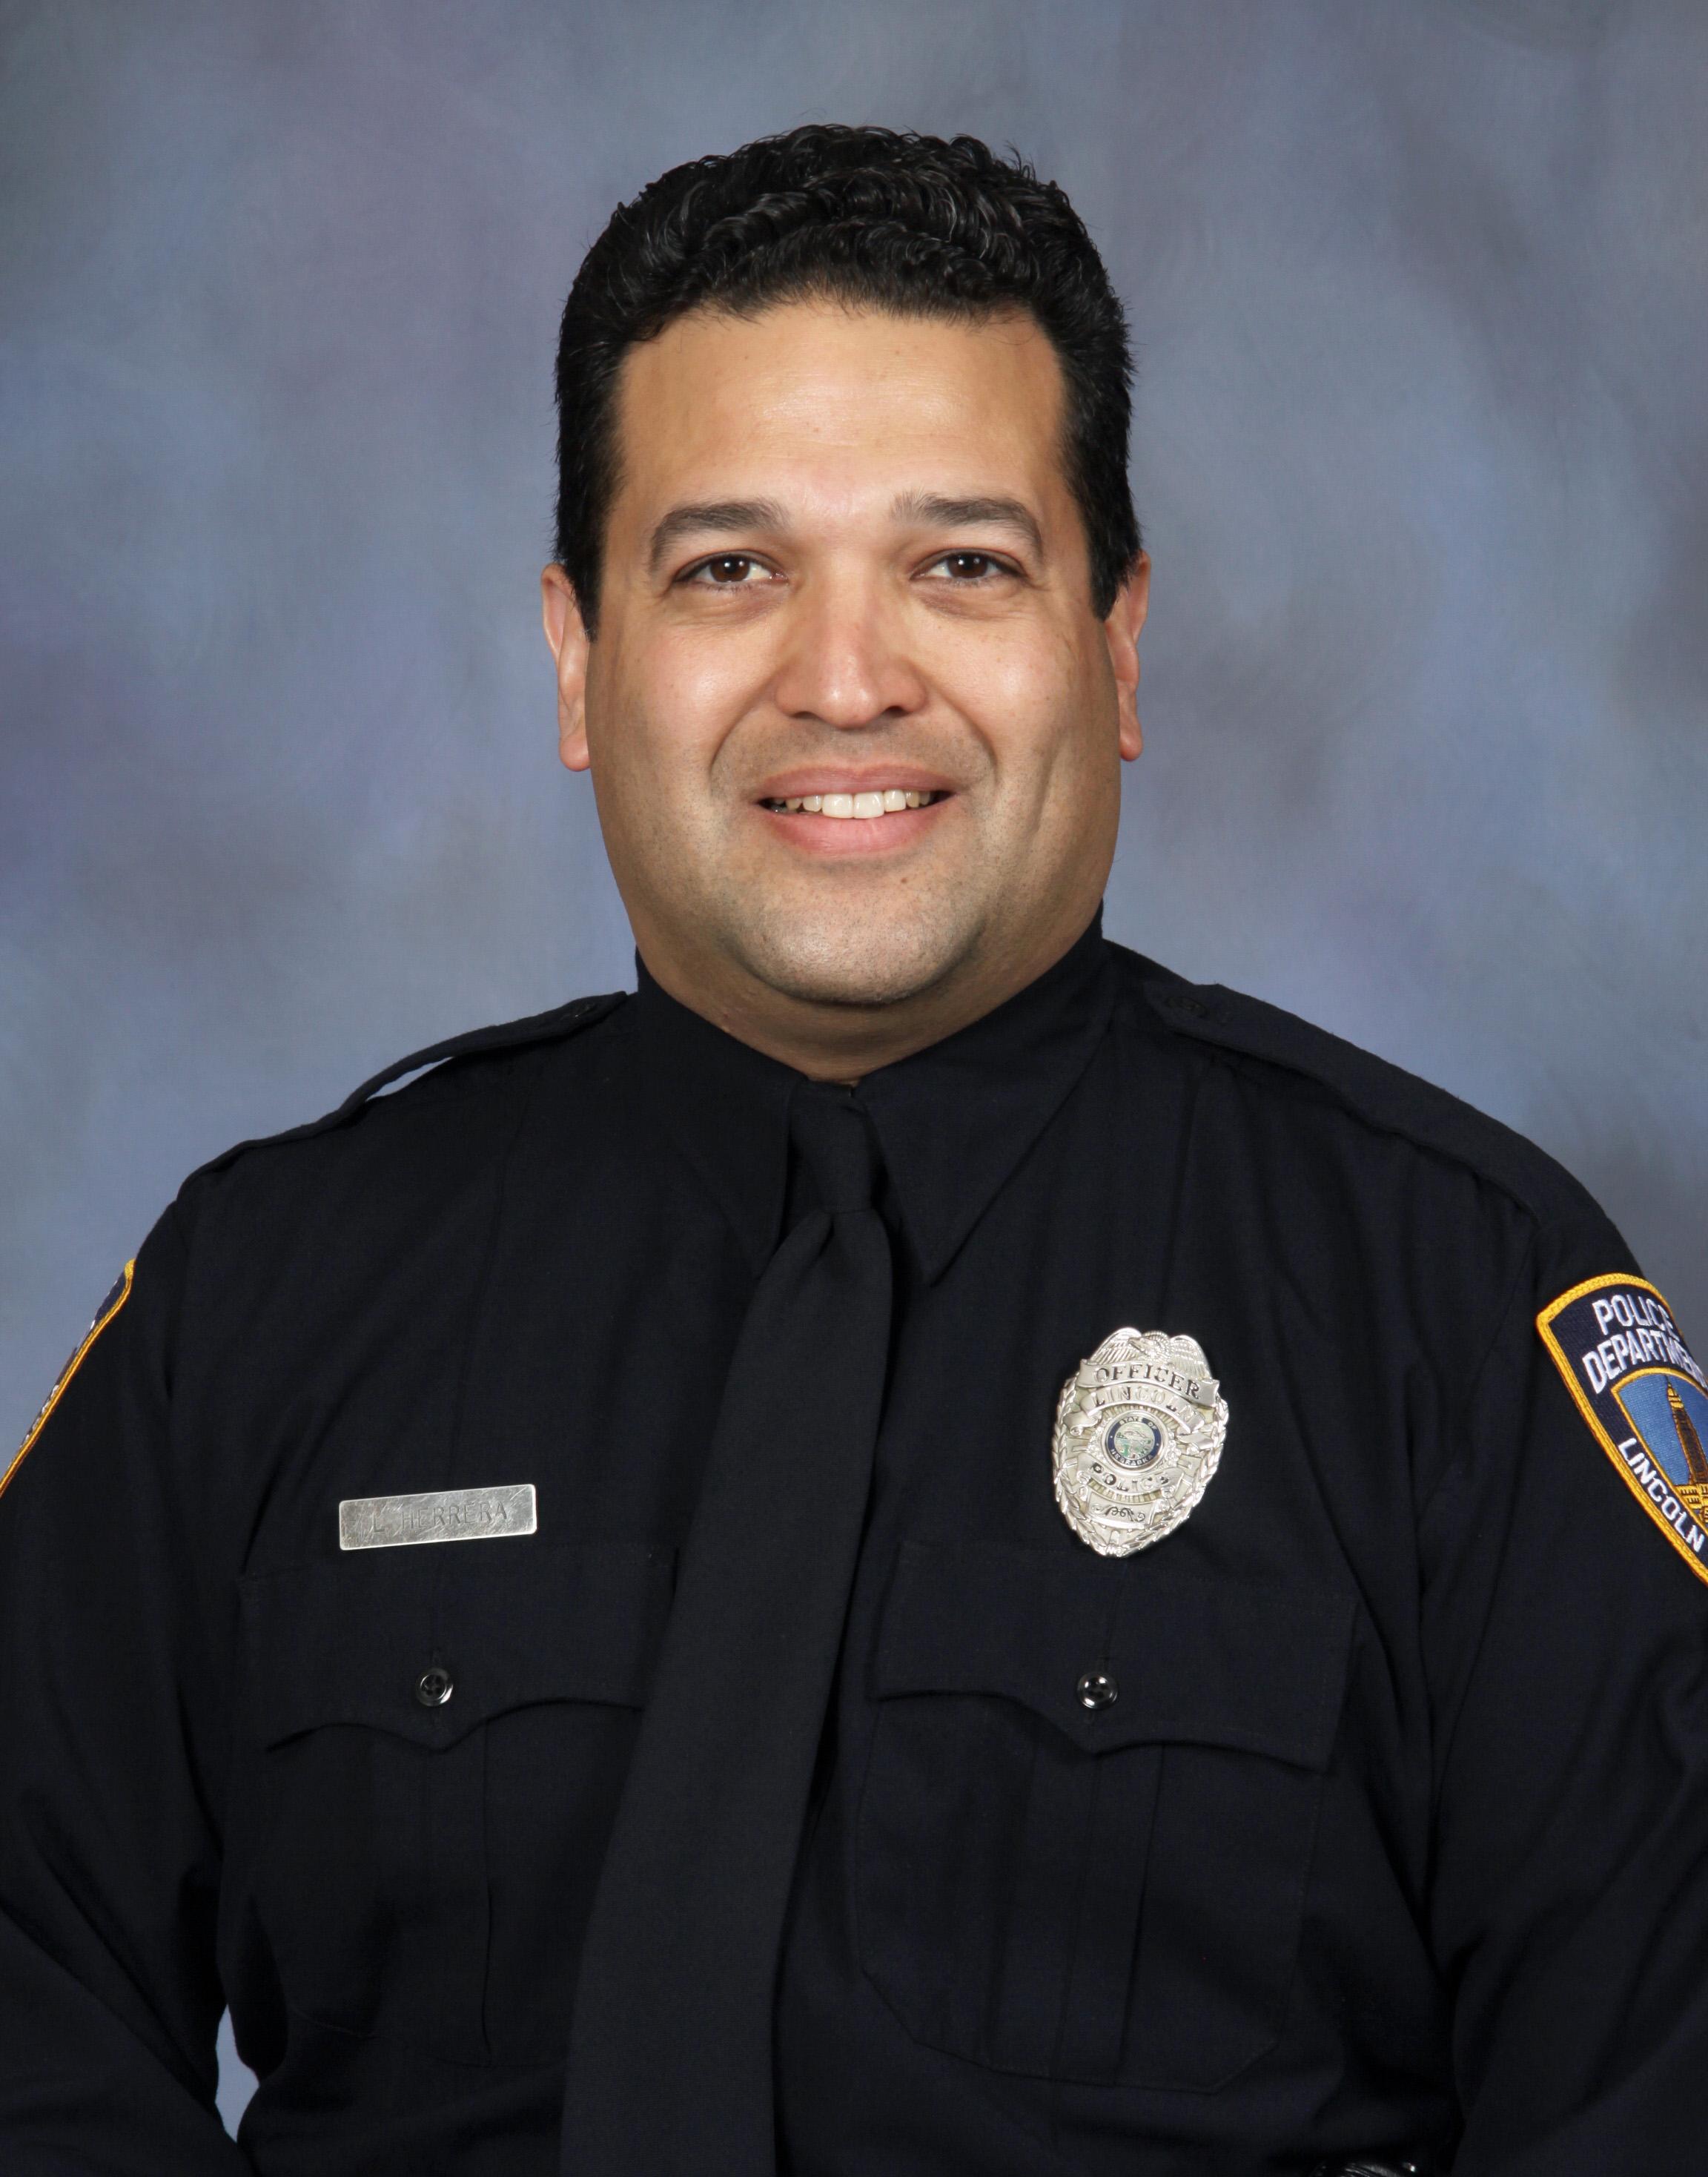 Investigator L. Mario Herrera | Lincoln Police Department, Nebraska